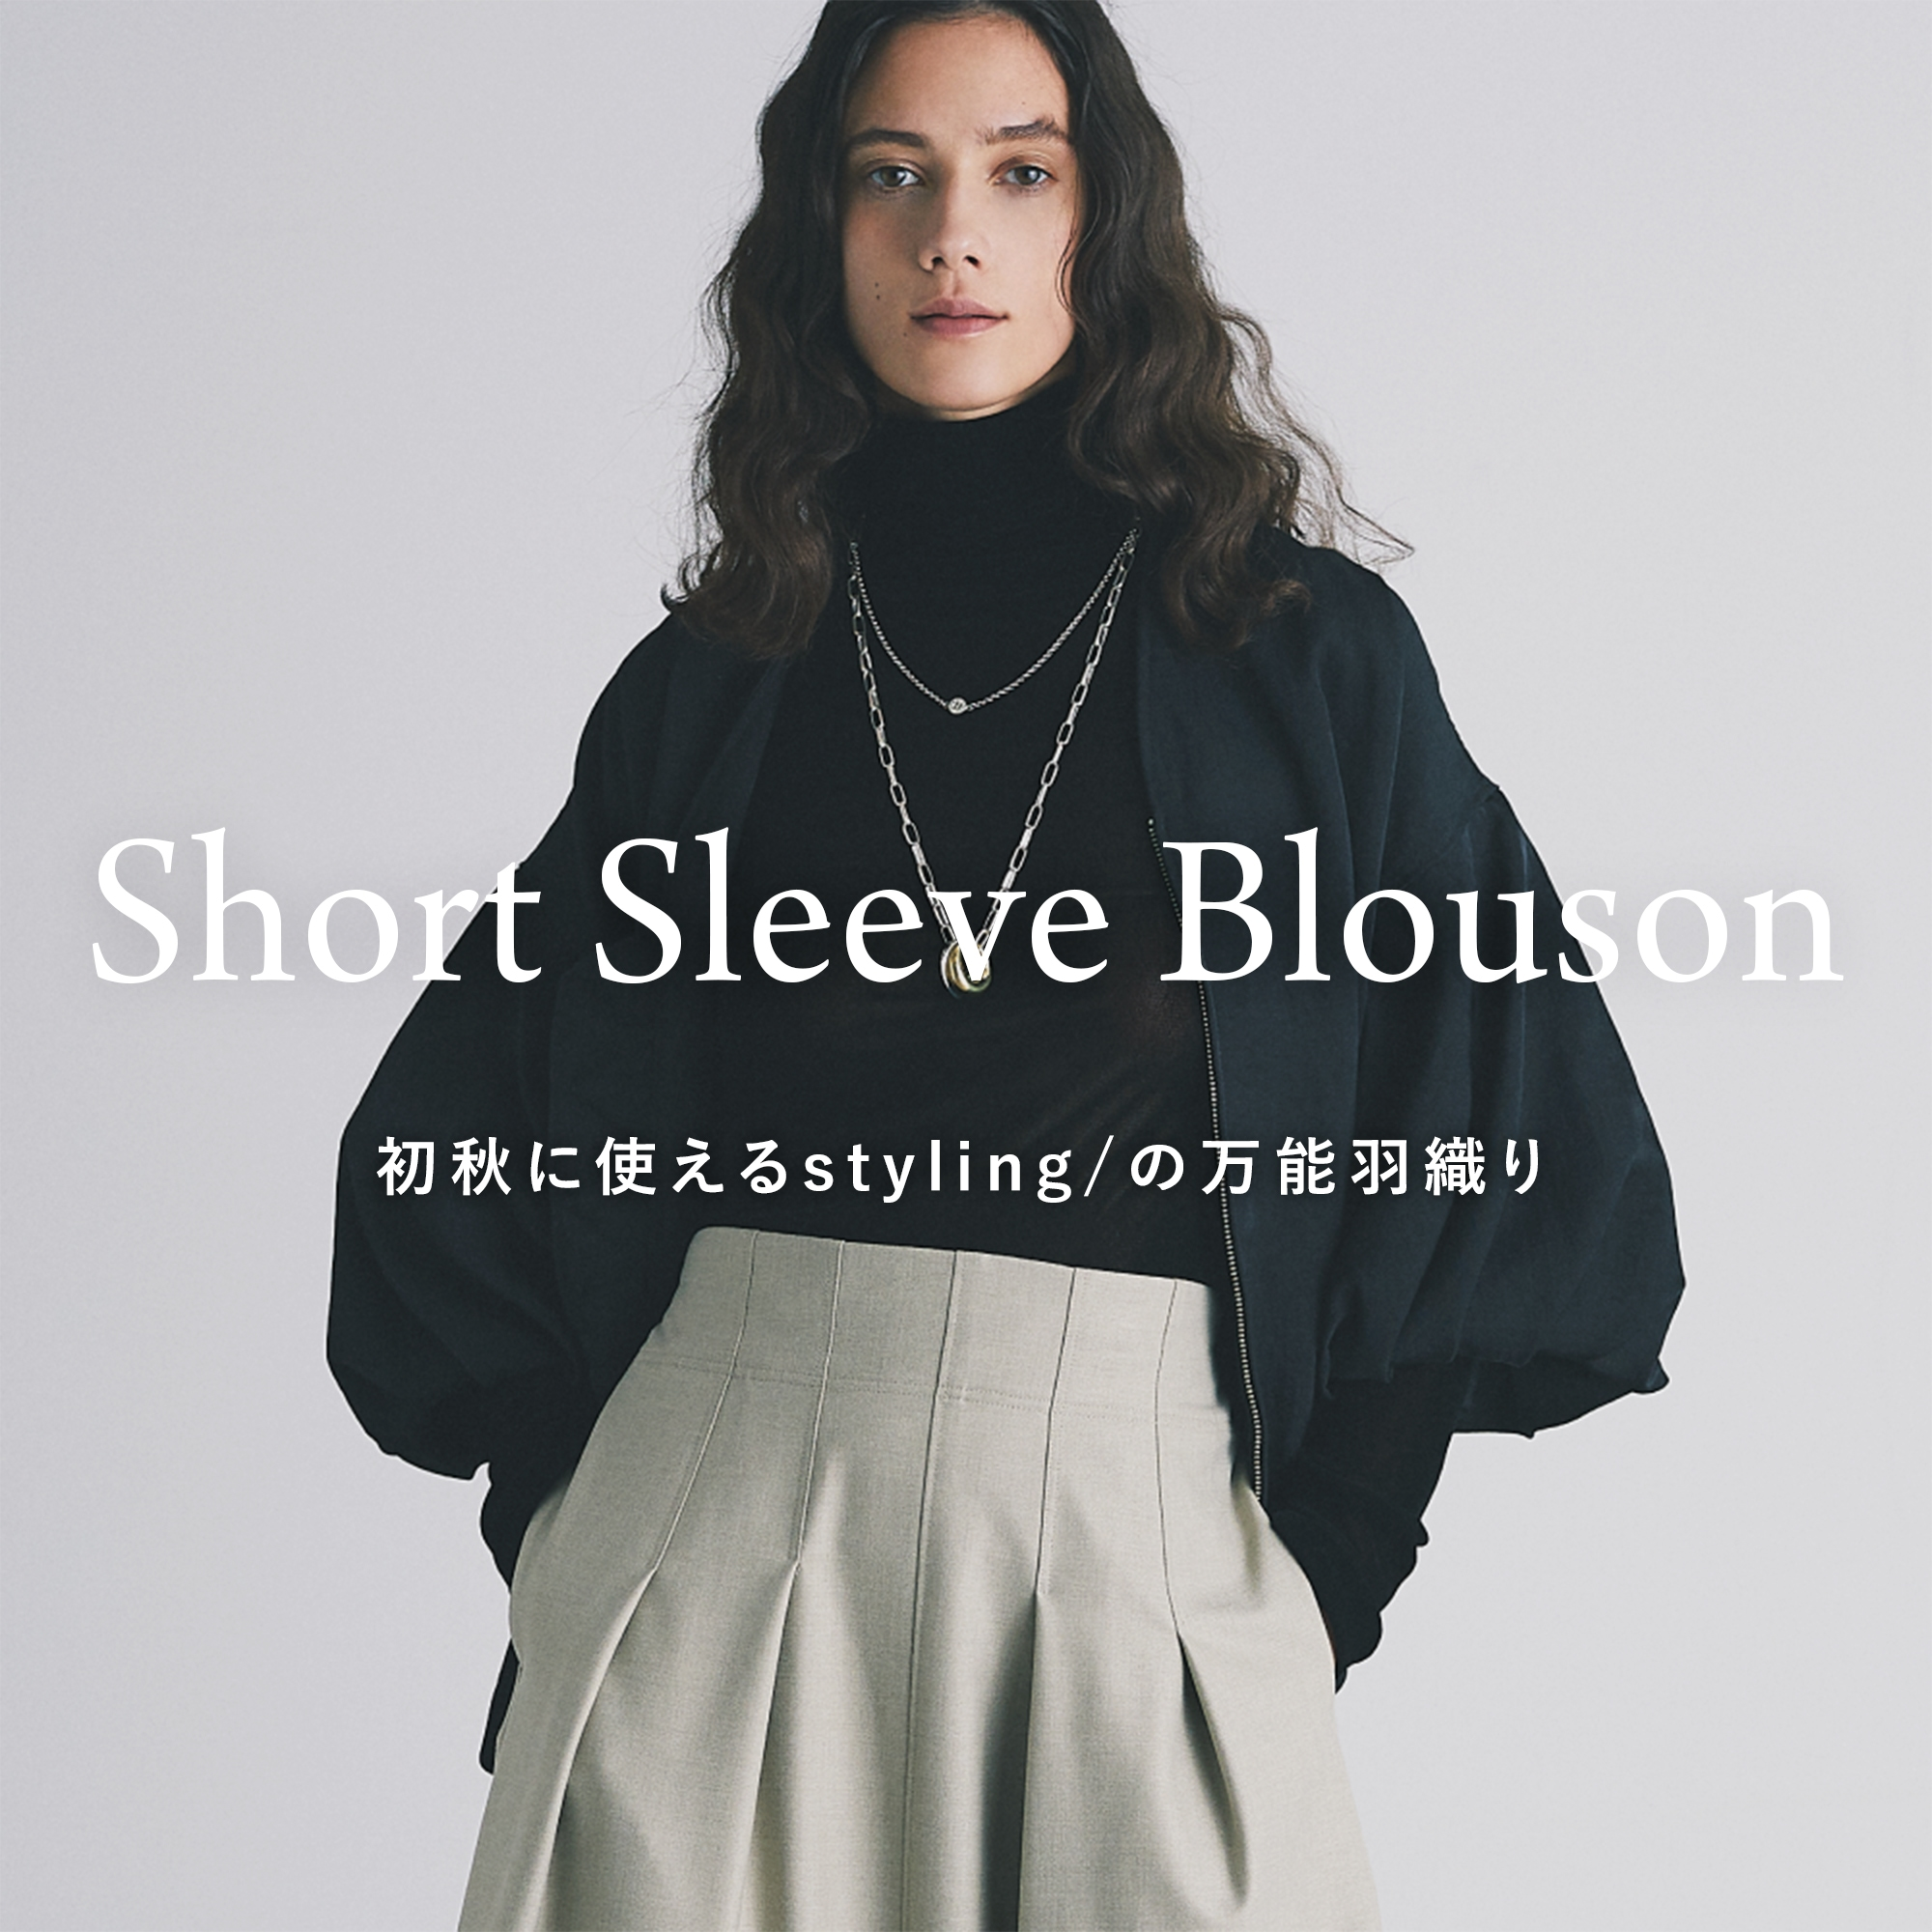 初秋に使えるstyling/の万能羽織 Short Sleeve Bloouson